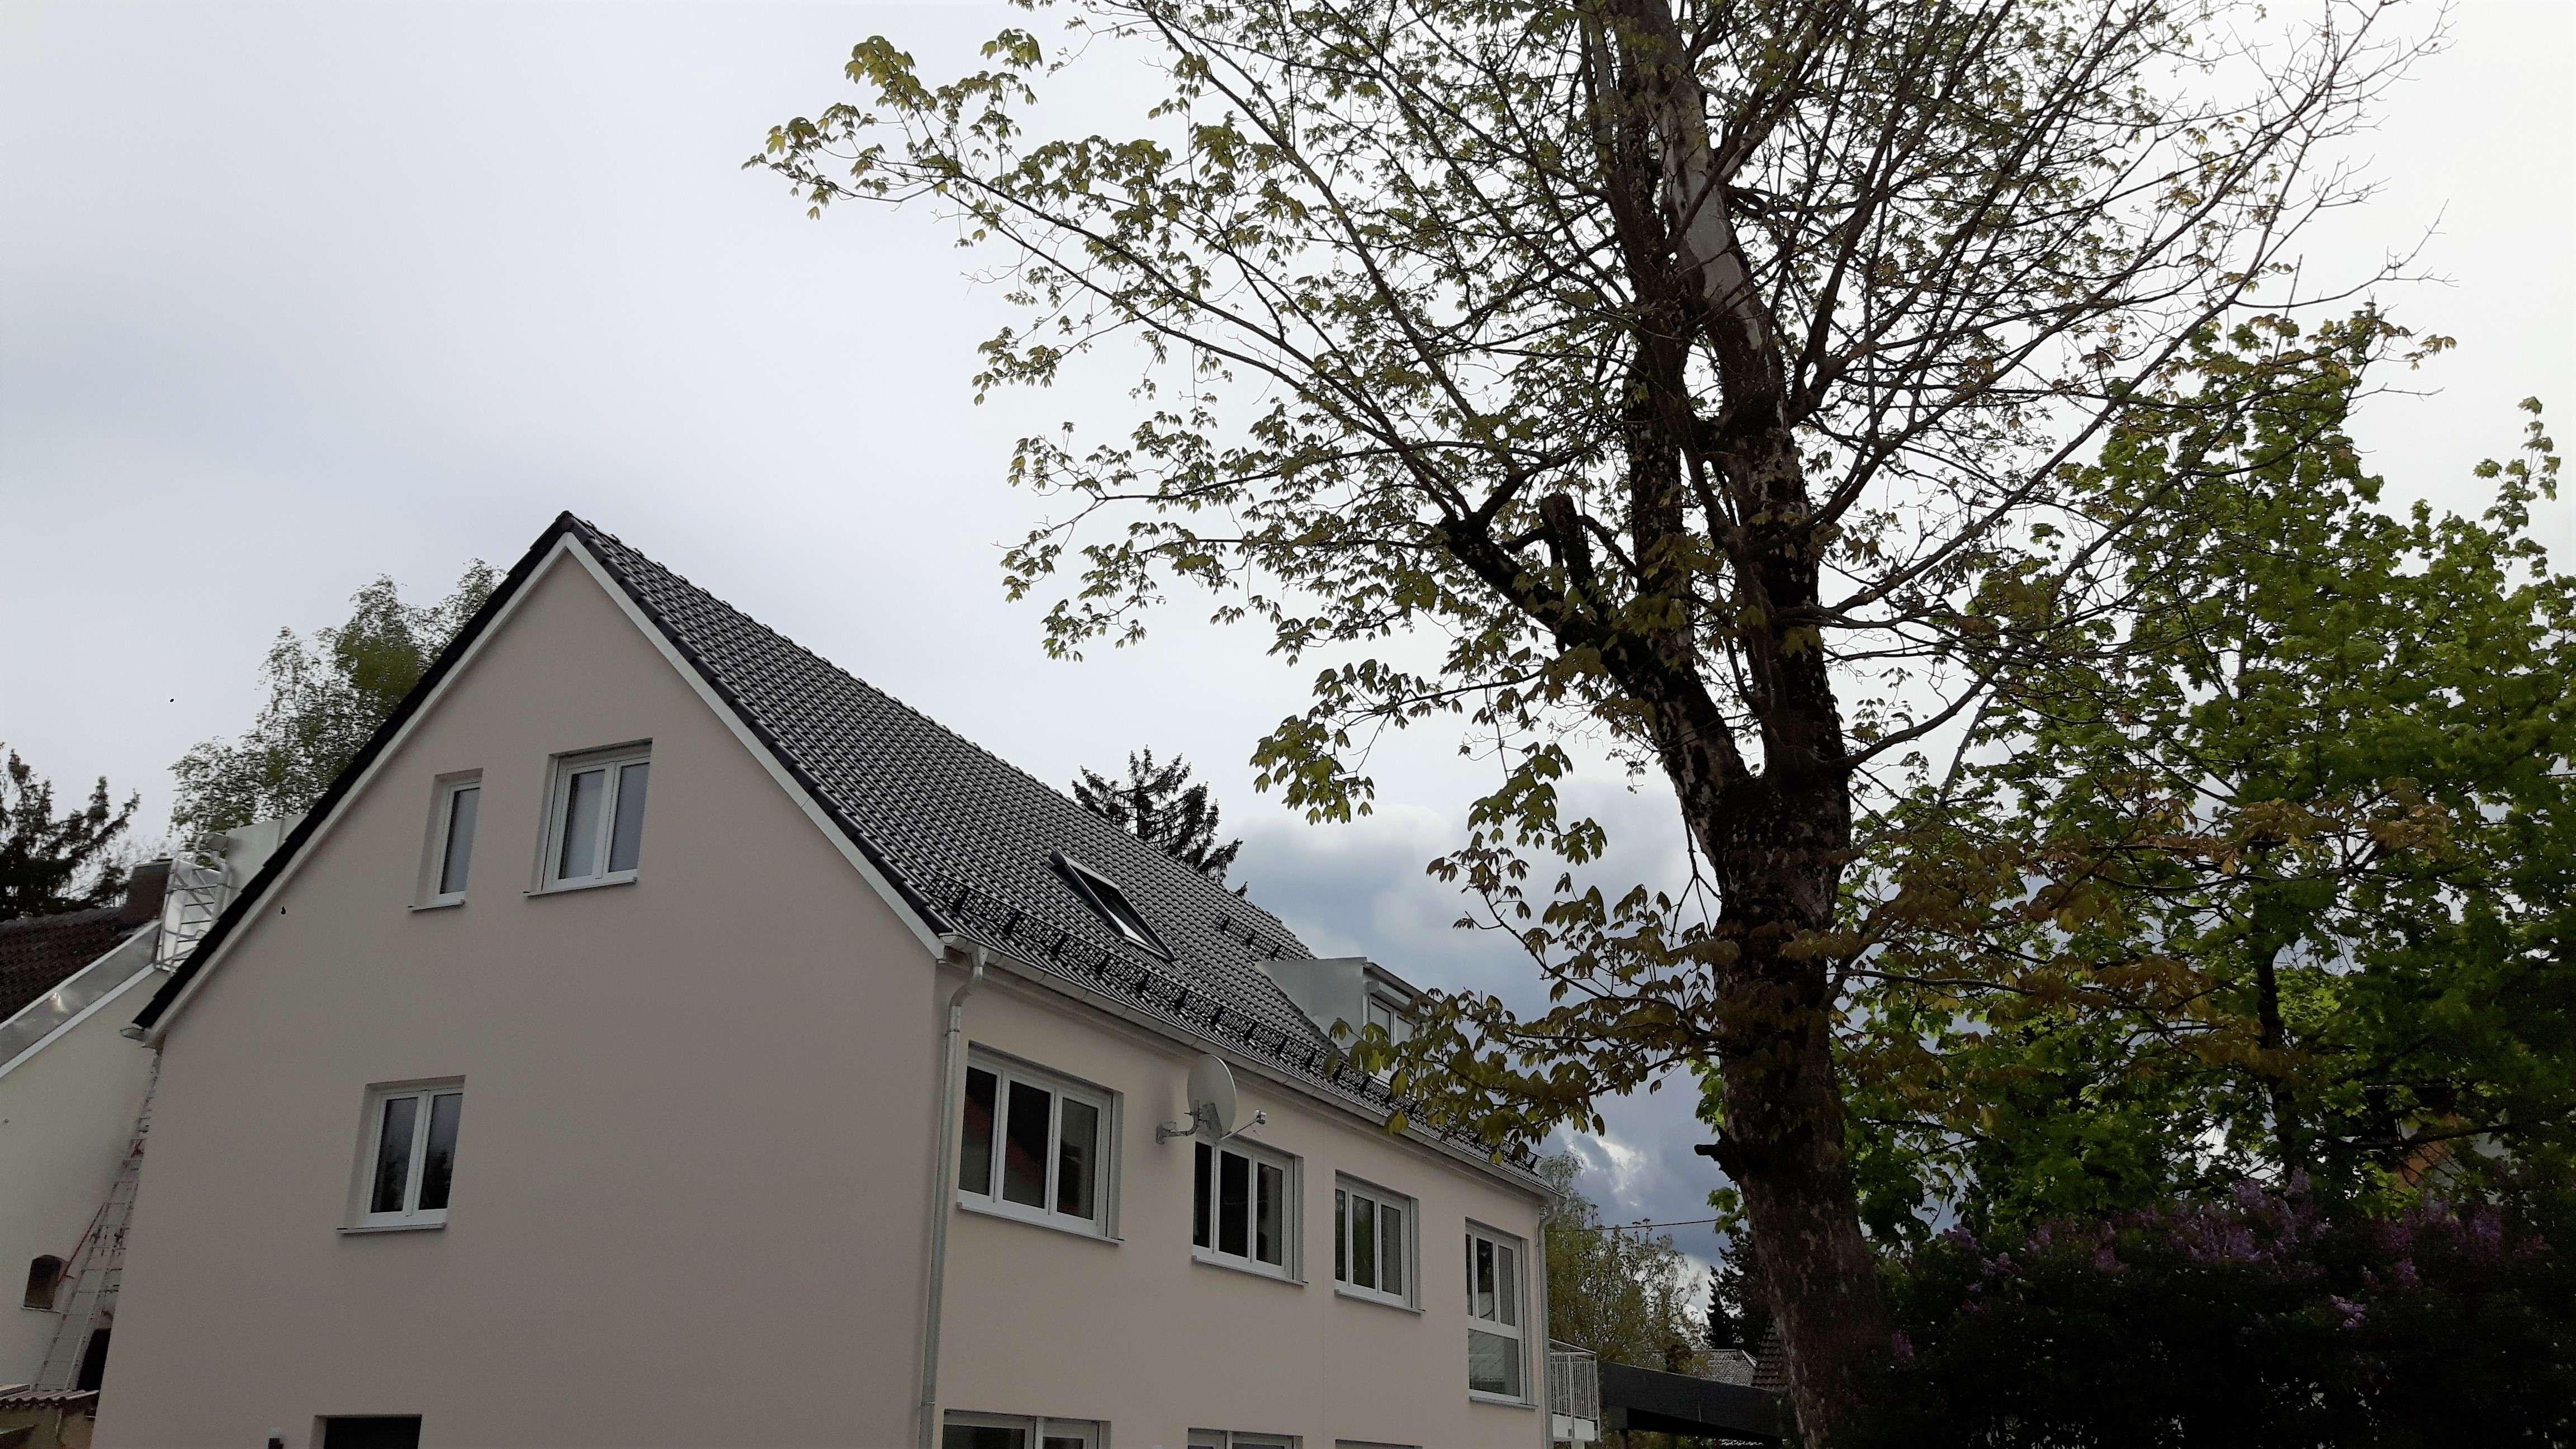 Neubau: 3-Zi.-Wohnung in ruhiger, schöner Lage von München-Trudering